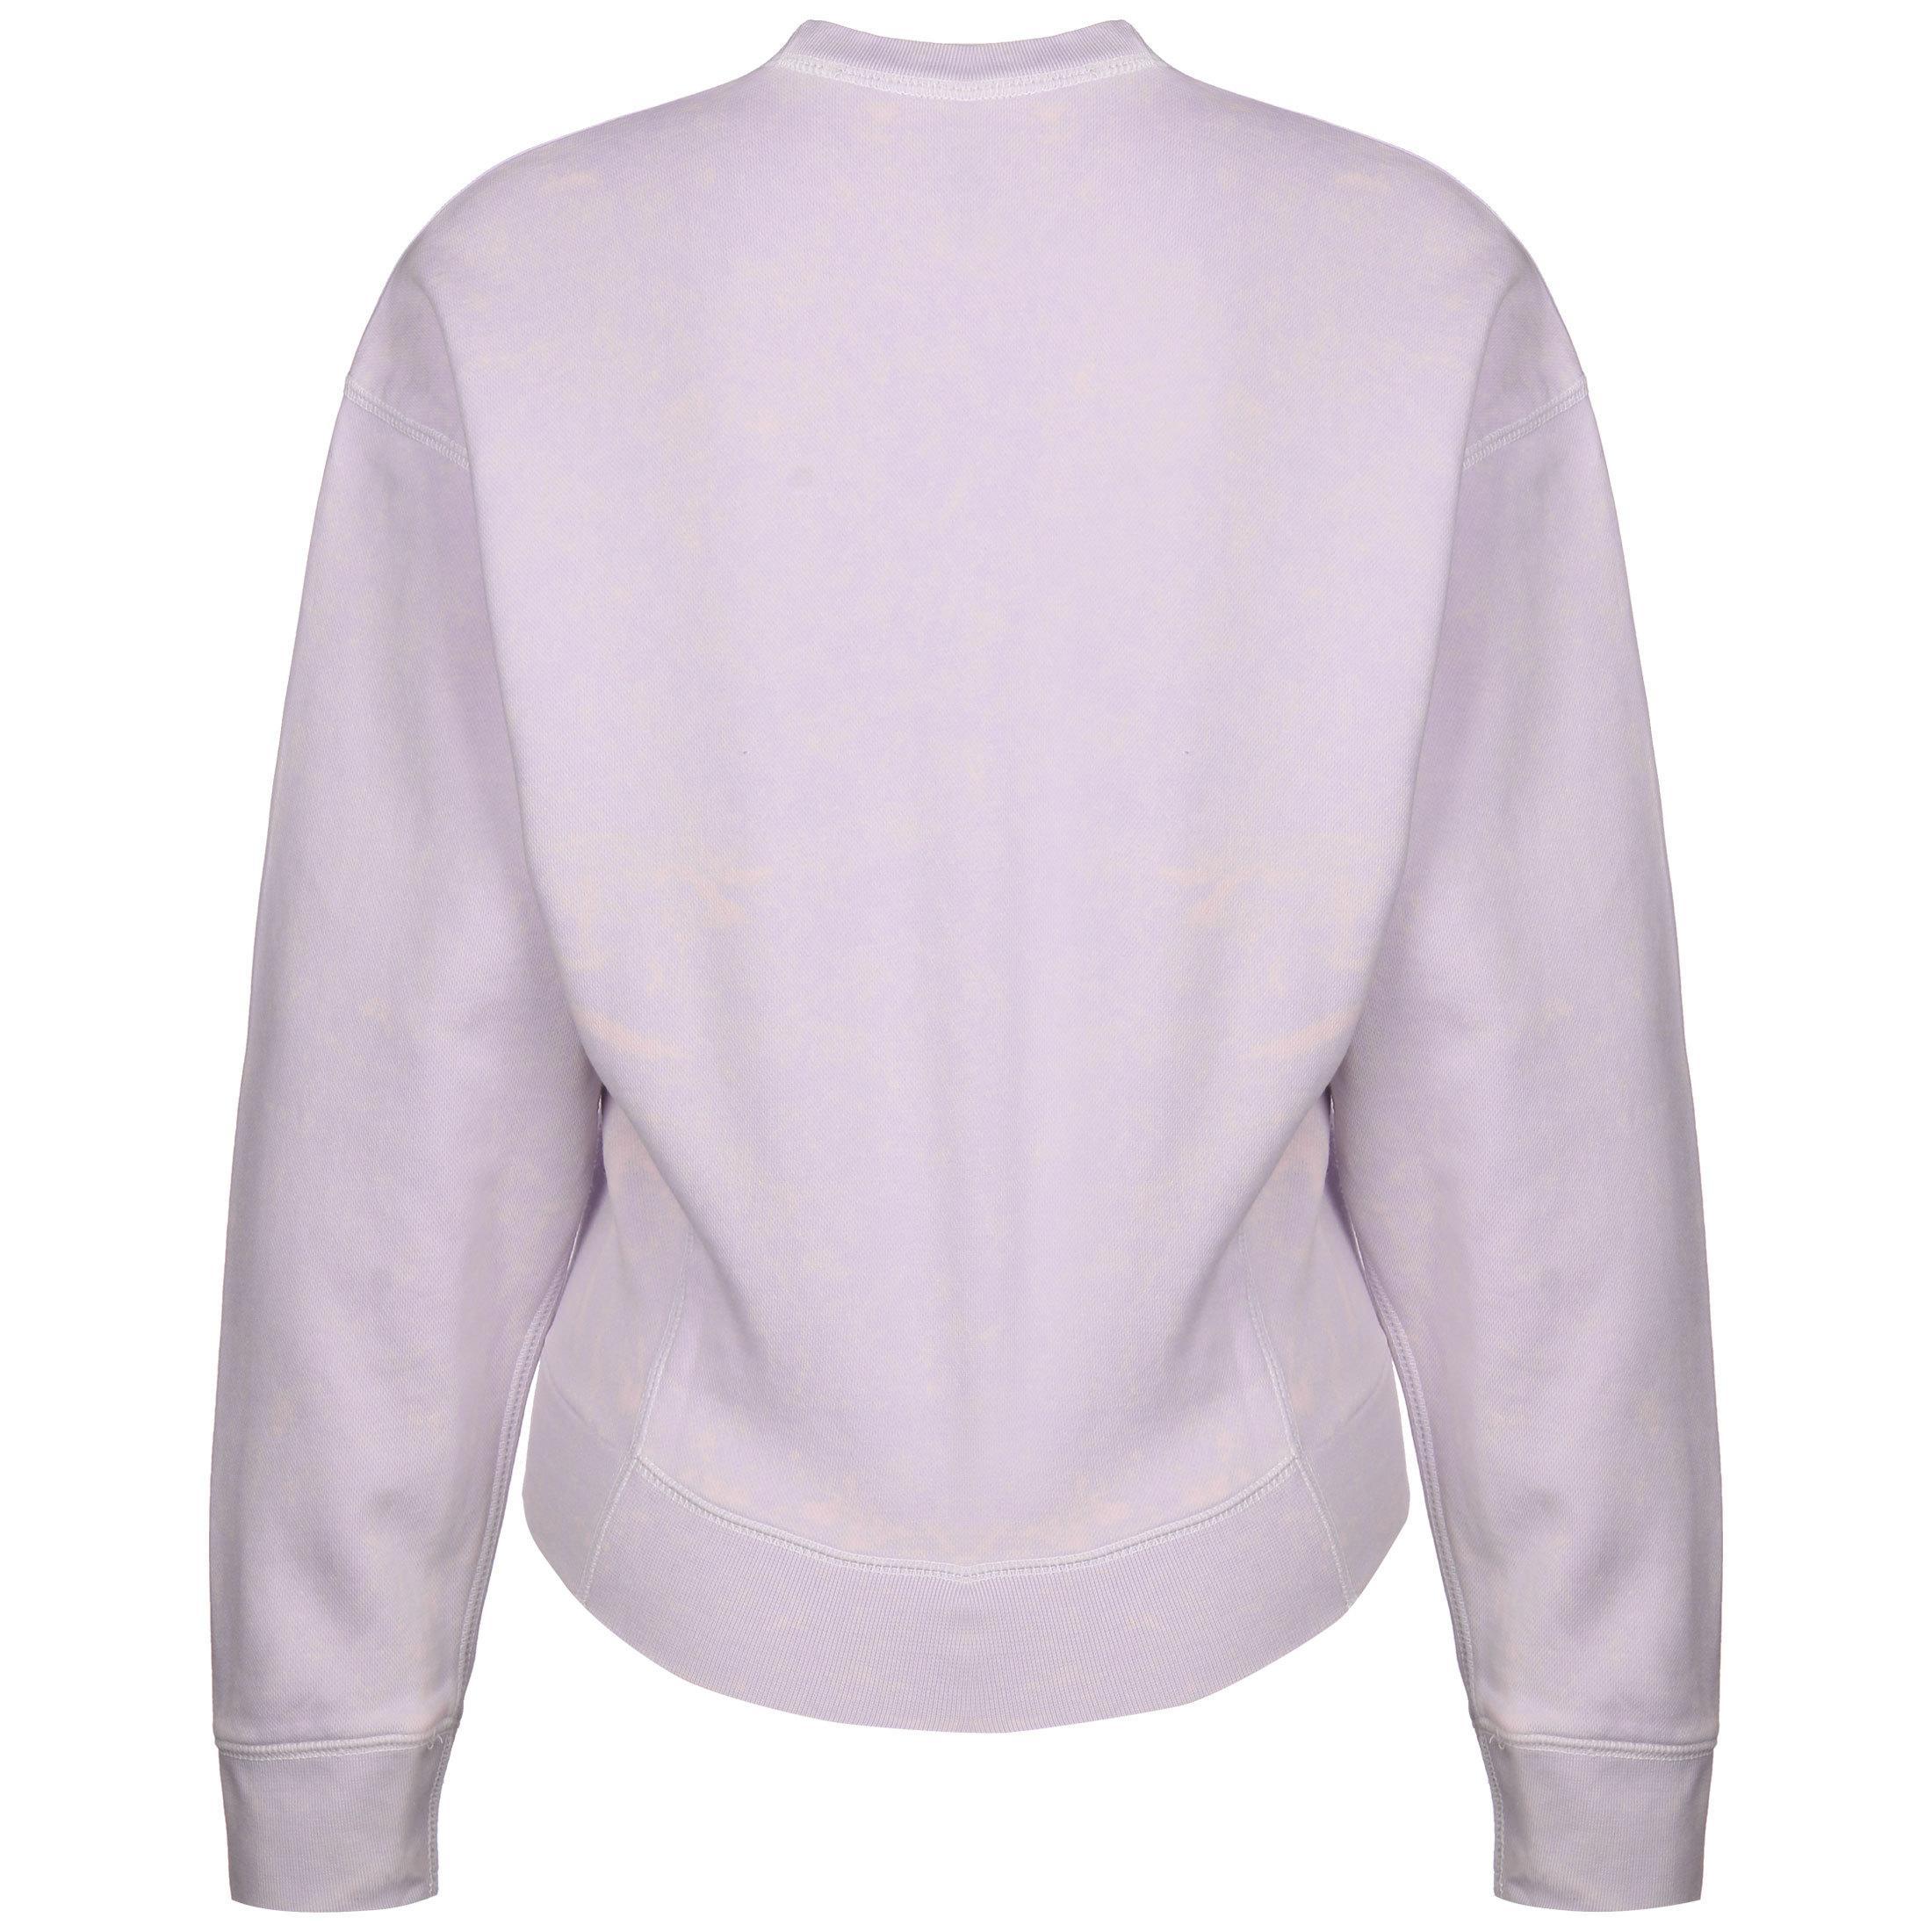 Nike Sportswear Rebel Sweatshirt Lilac Damen Bekleidung